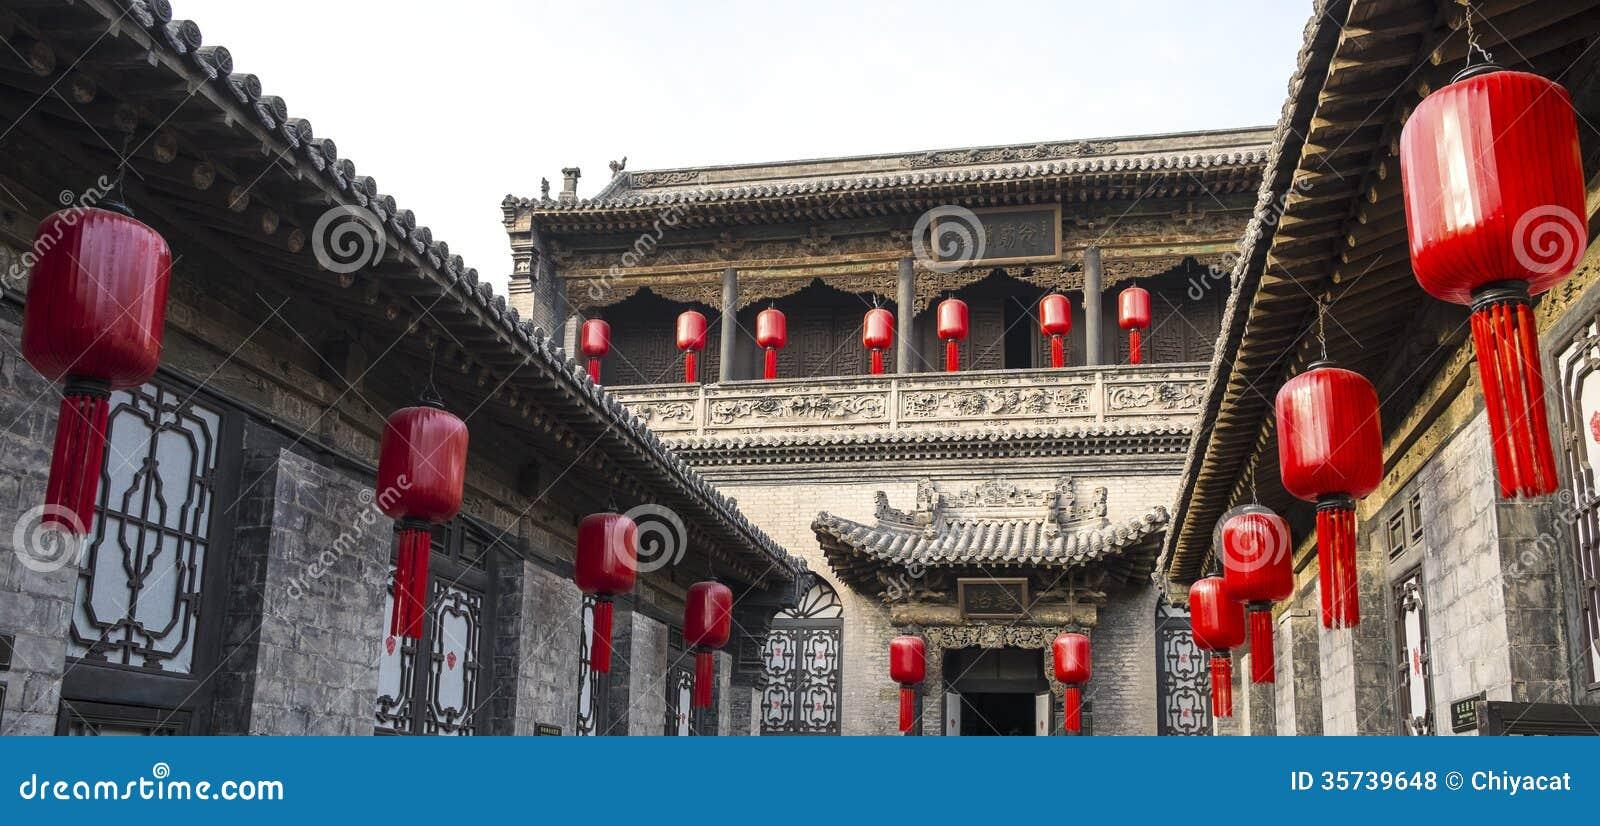 Qiao Family Courtyard in Pingyao China #4